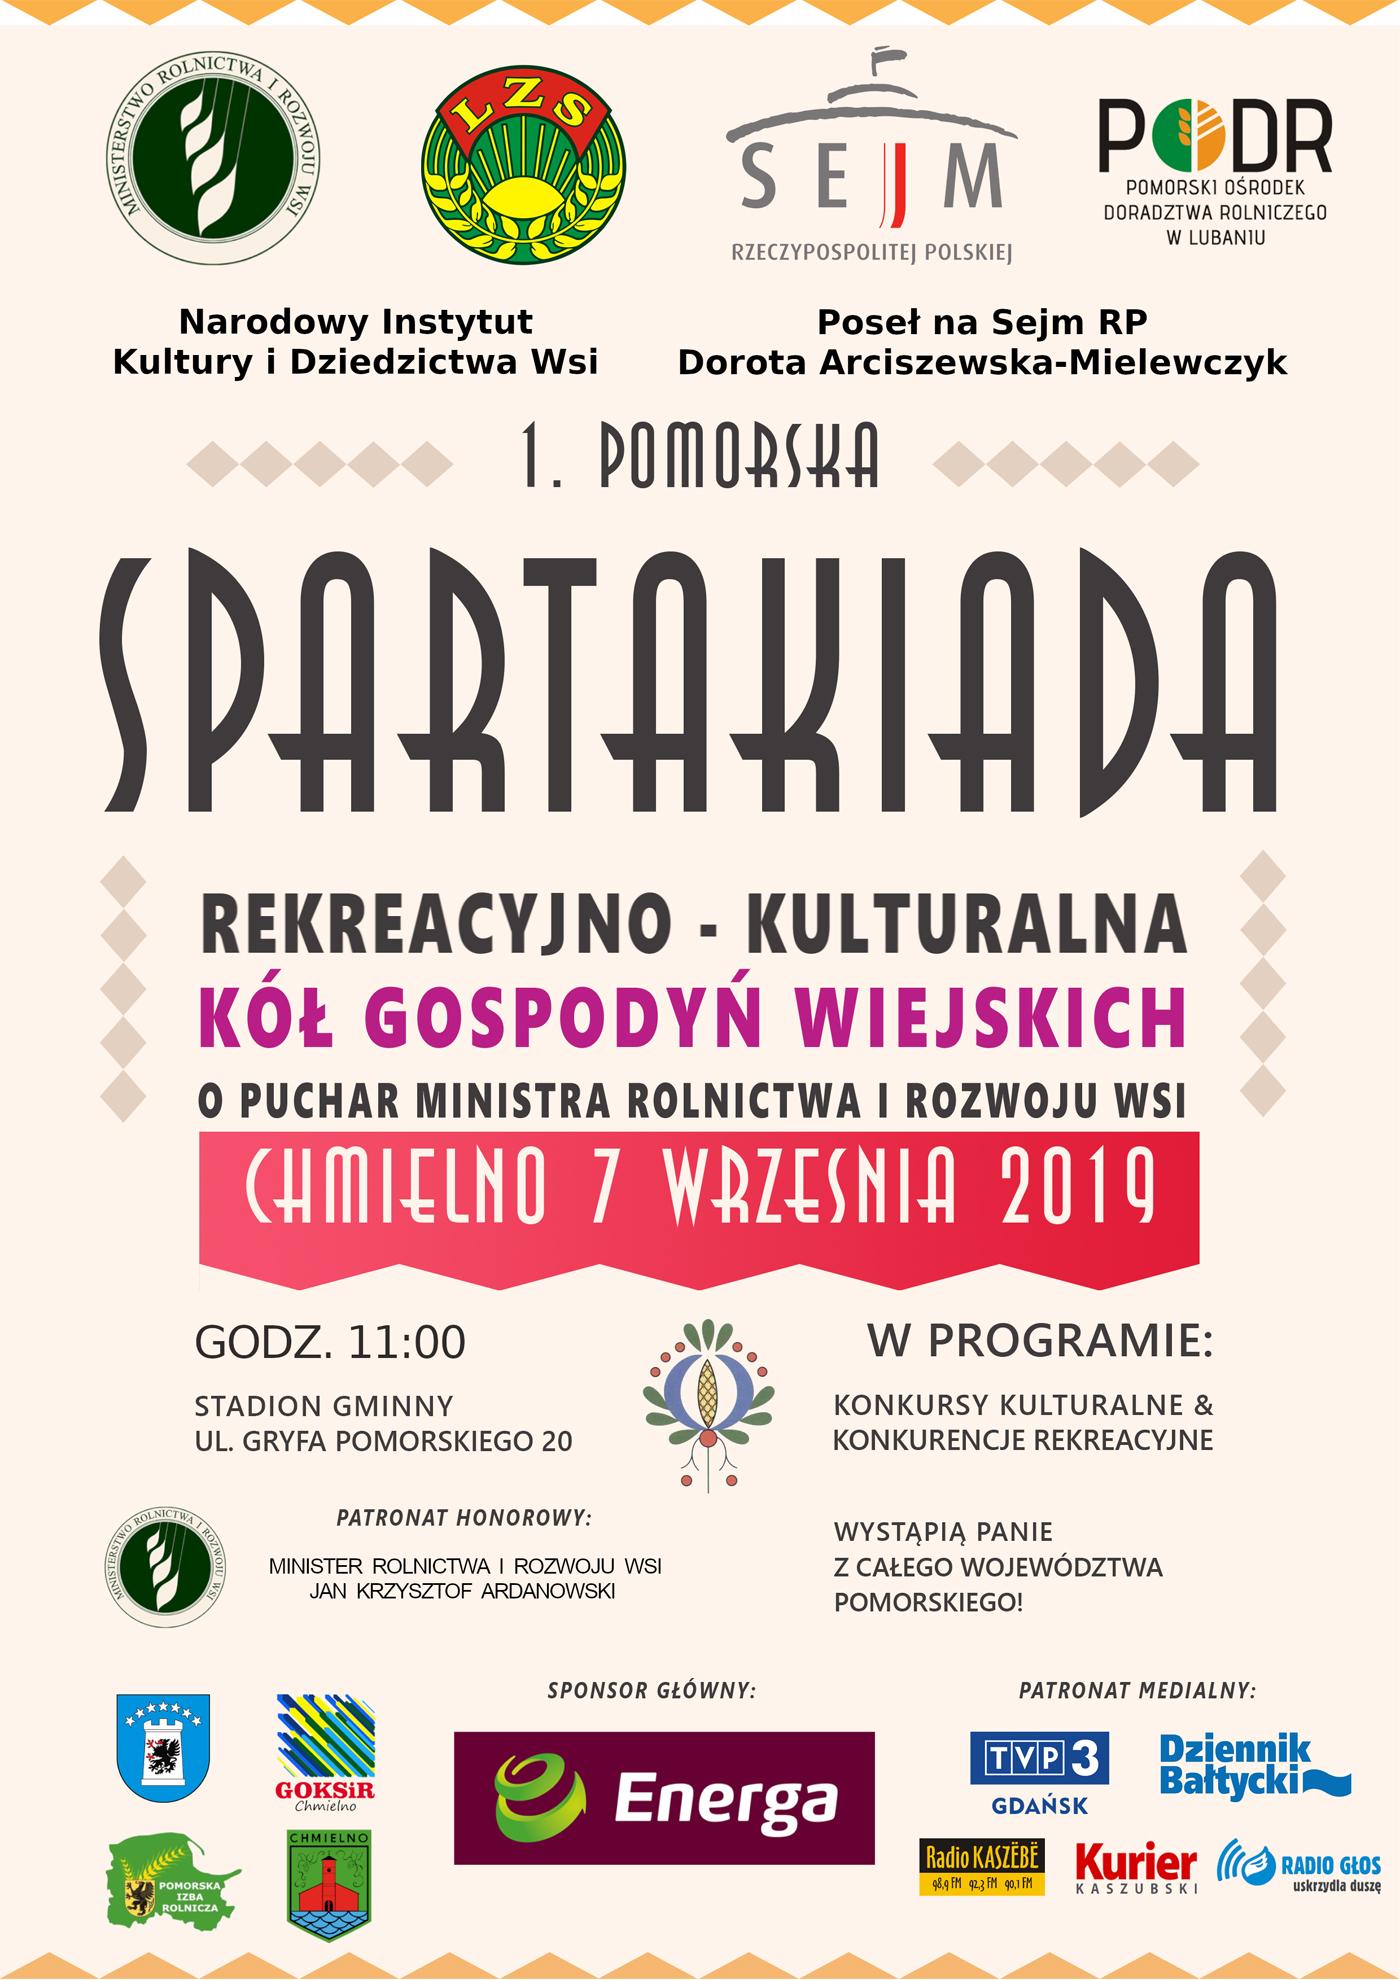 Zapraszamy na IPomorską SpartakiadęRekreacyjno-Kulturalną KGW oPuchar Ministra Rolnictwa iRozwoju Wsi